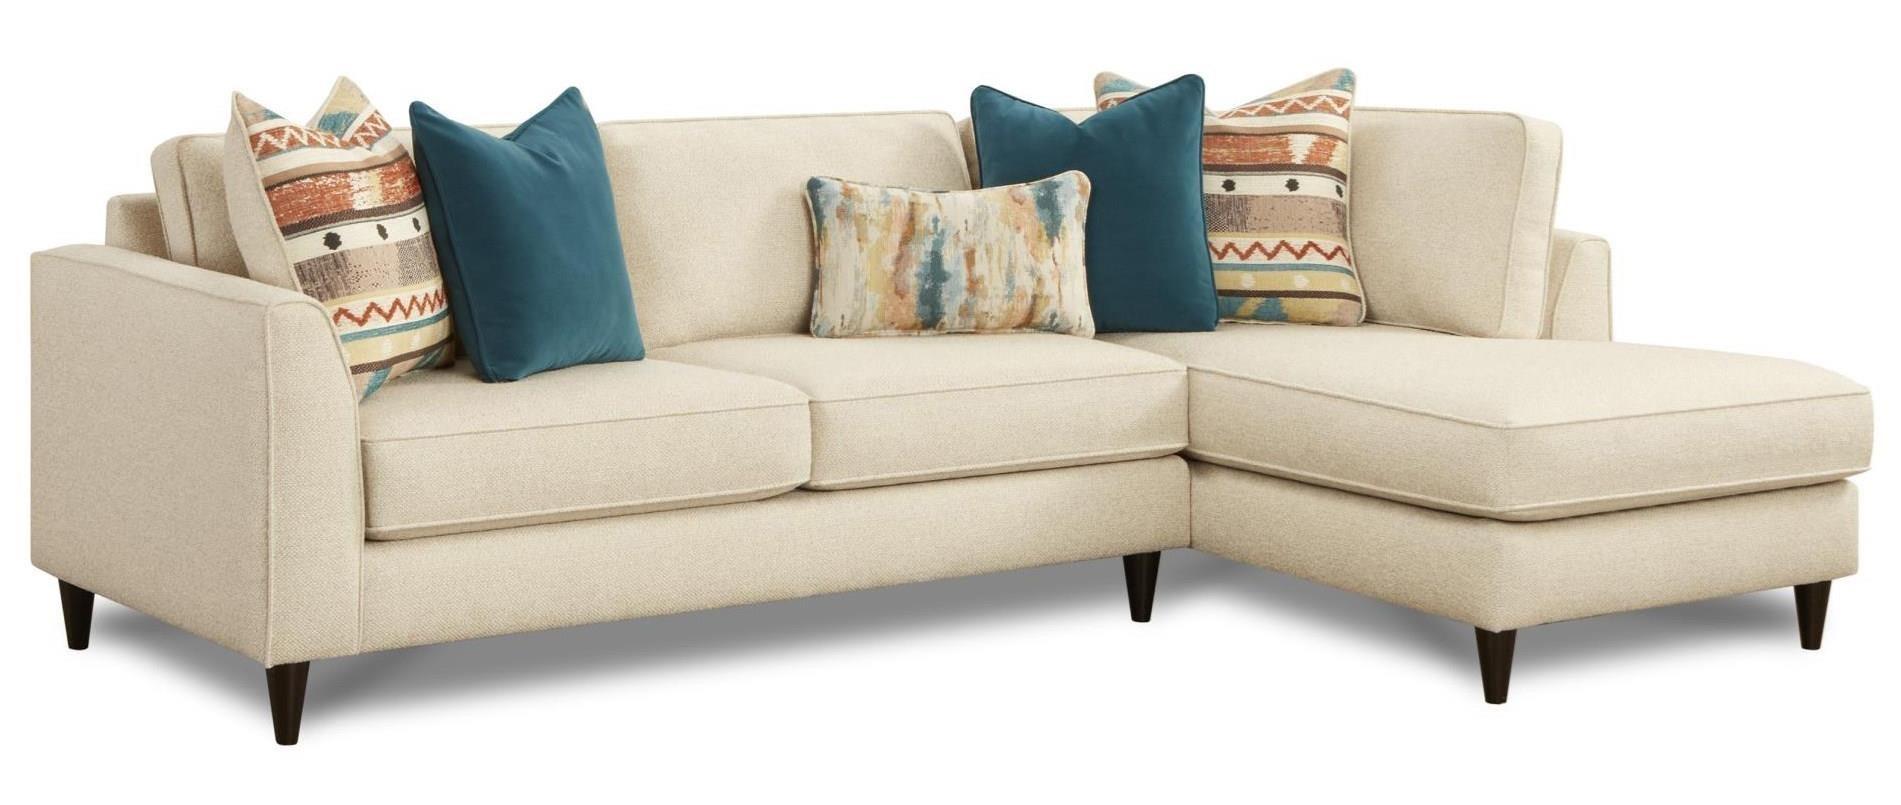 2 Pc Sofa w/ RAF Chaise